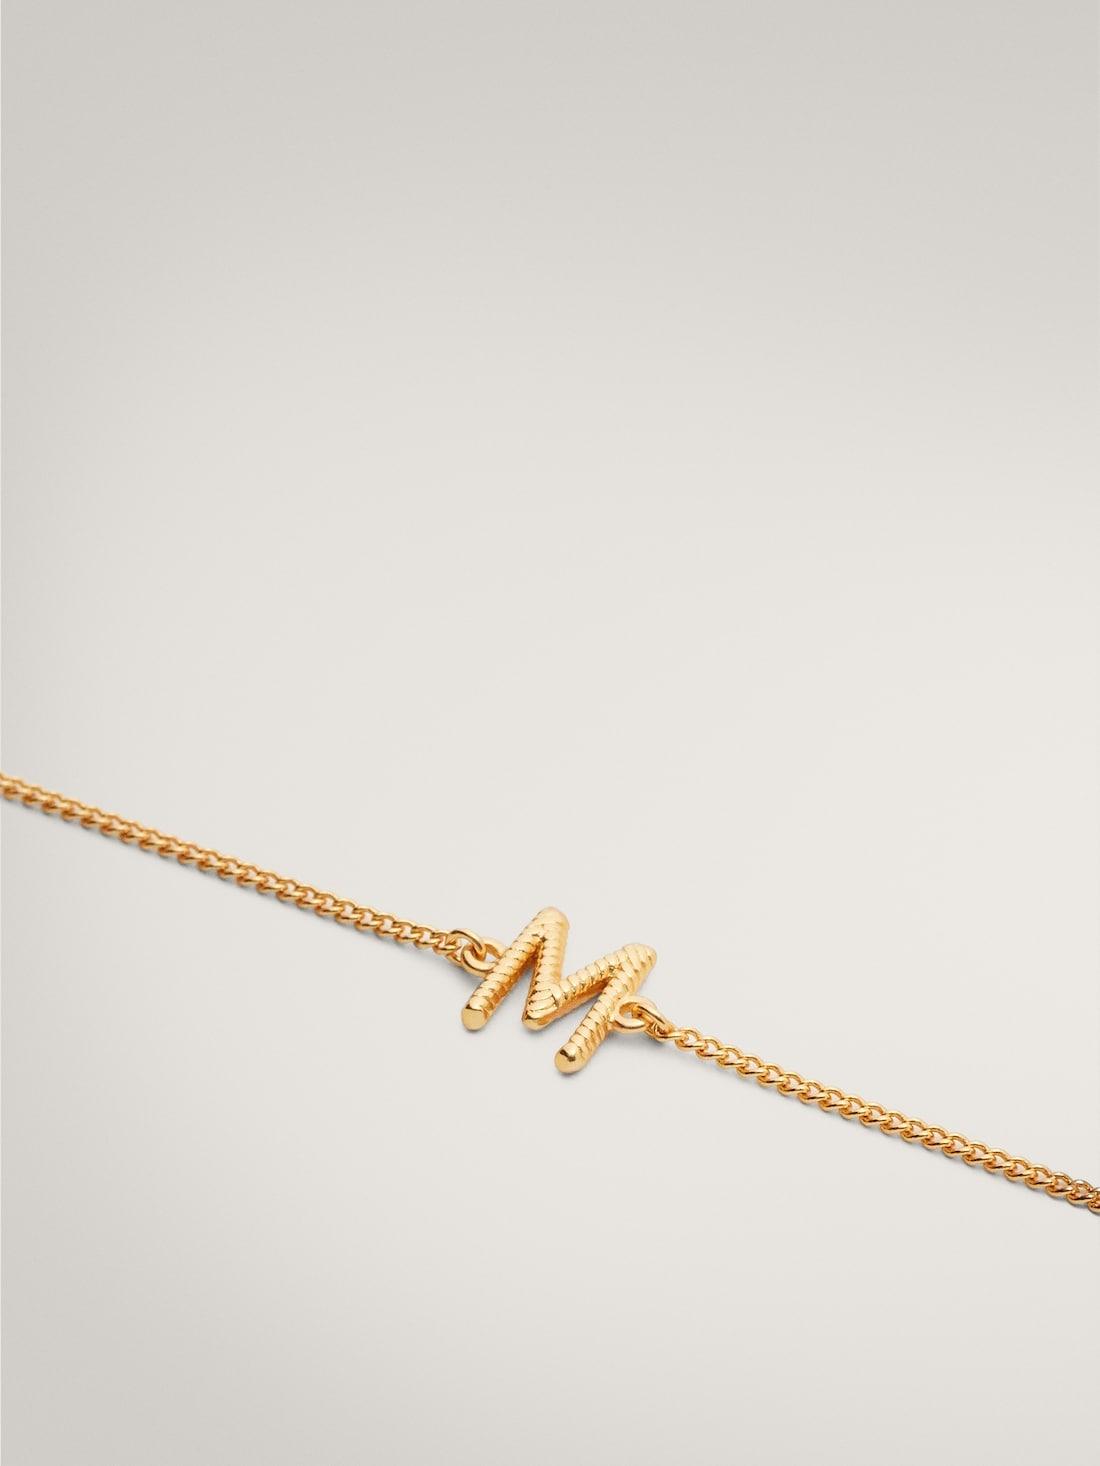 ПОЗОЛОЧЕННЫЙ БРАСЛЕТ С ИНИЦИАЛОМ «M» Золотой Massimo Dutti